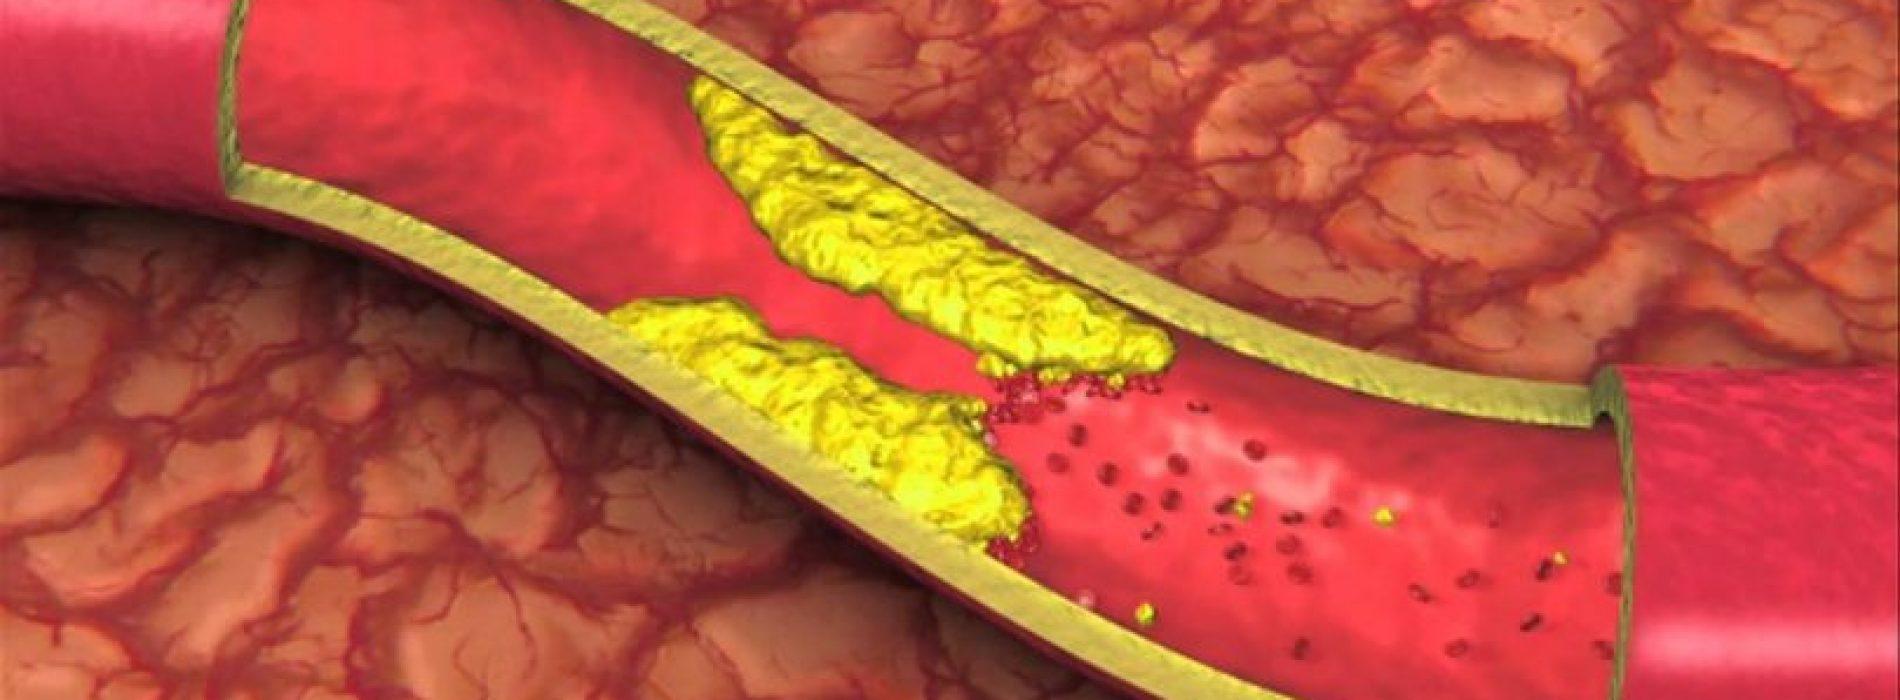 Zeg vaarwel tegen een hoge bloeddruk en cholesterol door het drinken van DIT drankje